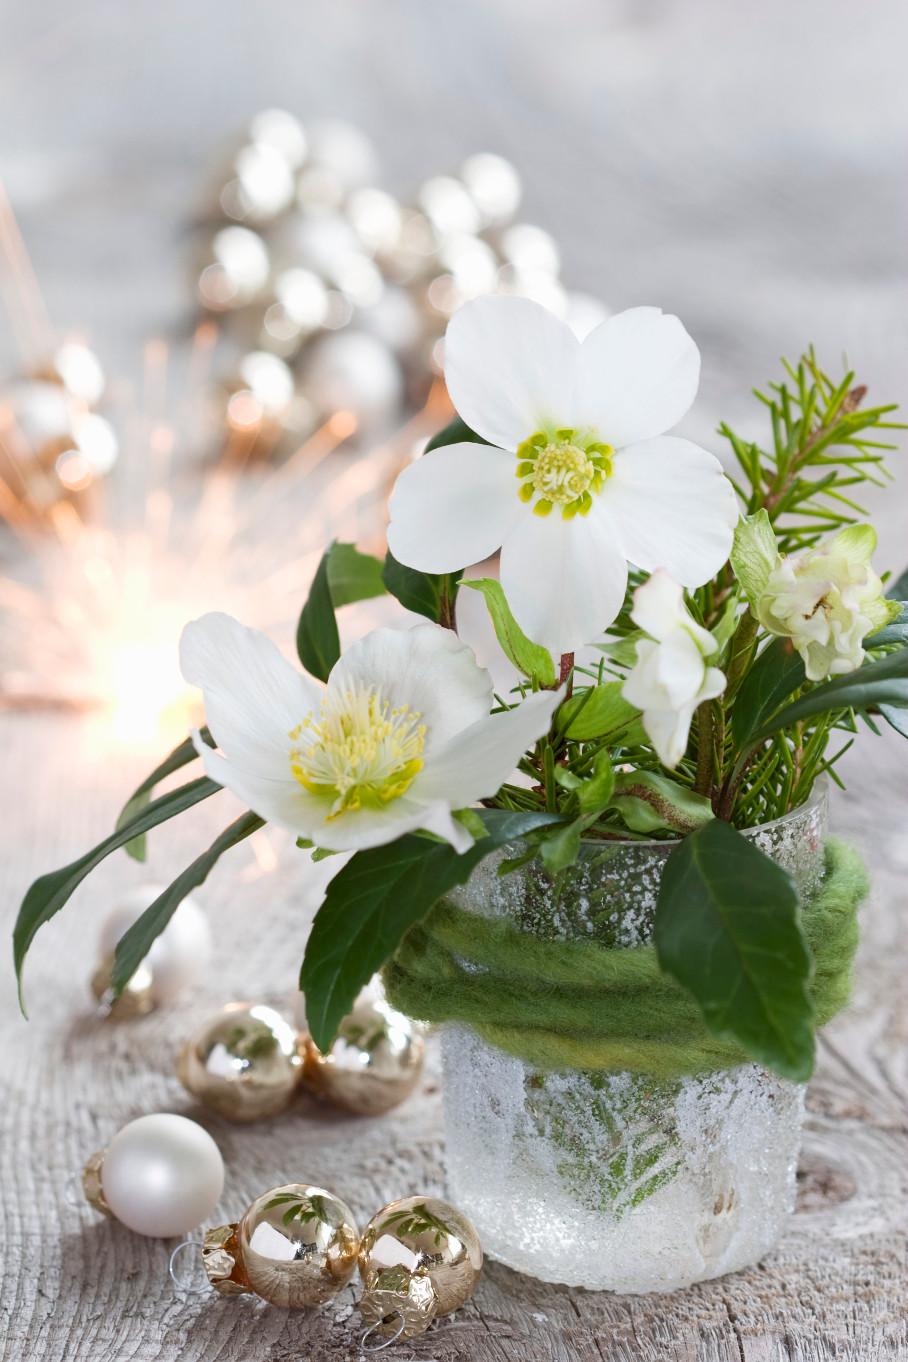 Popolare Bouquet Invernale Decorazioni con Fiori | DALANI MAGAZINE EI16